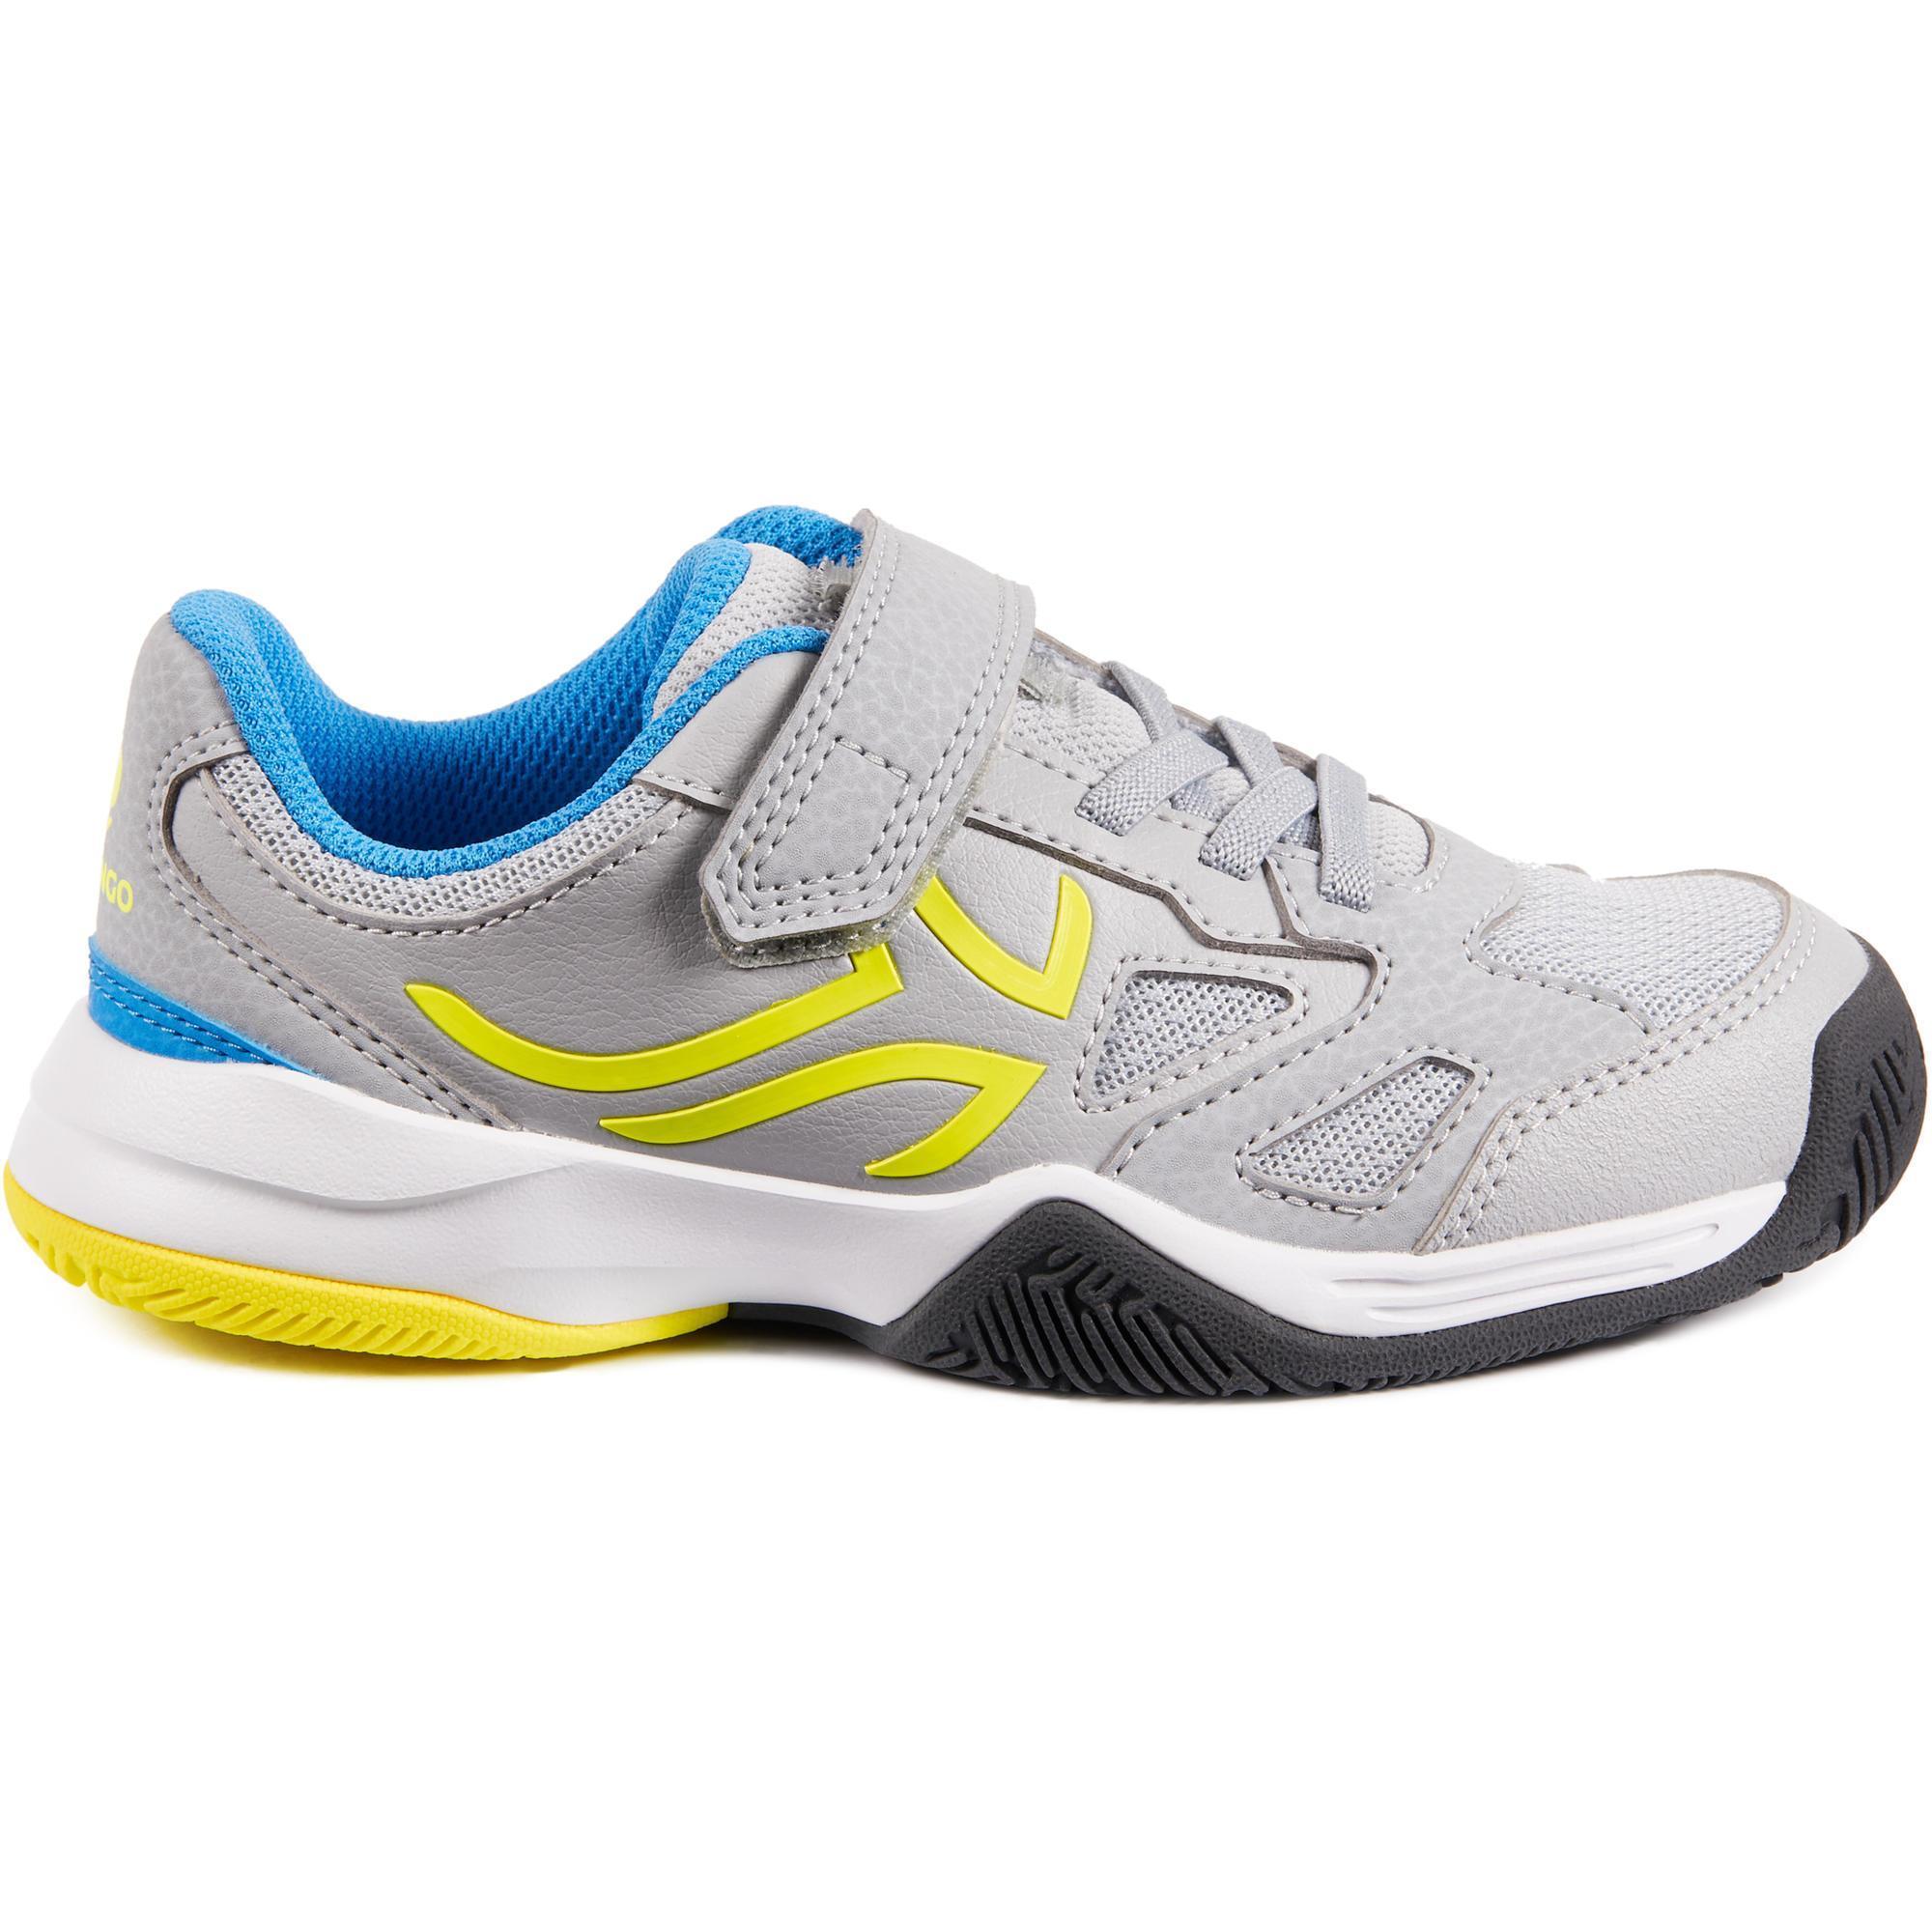 Tennisschoenen kopen met voordeel